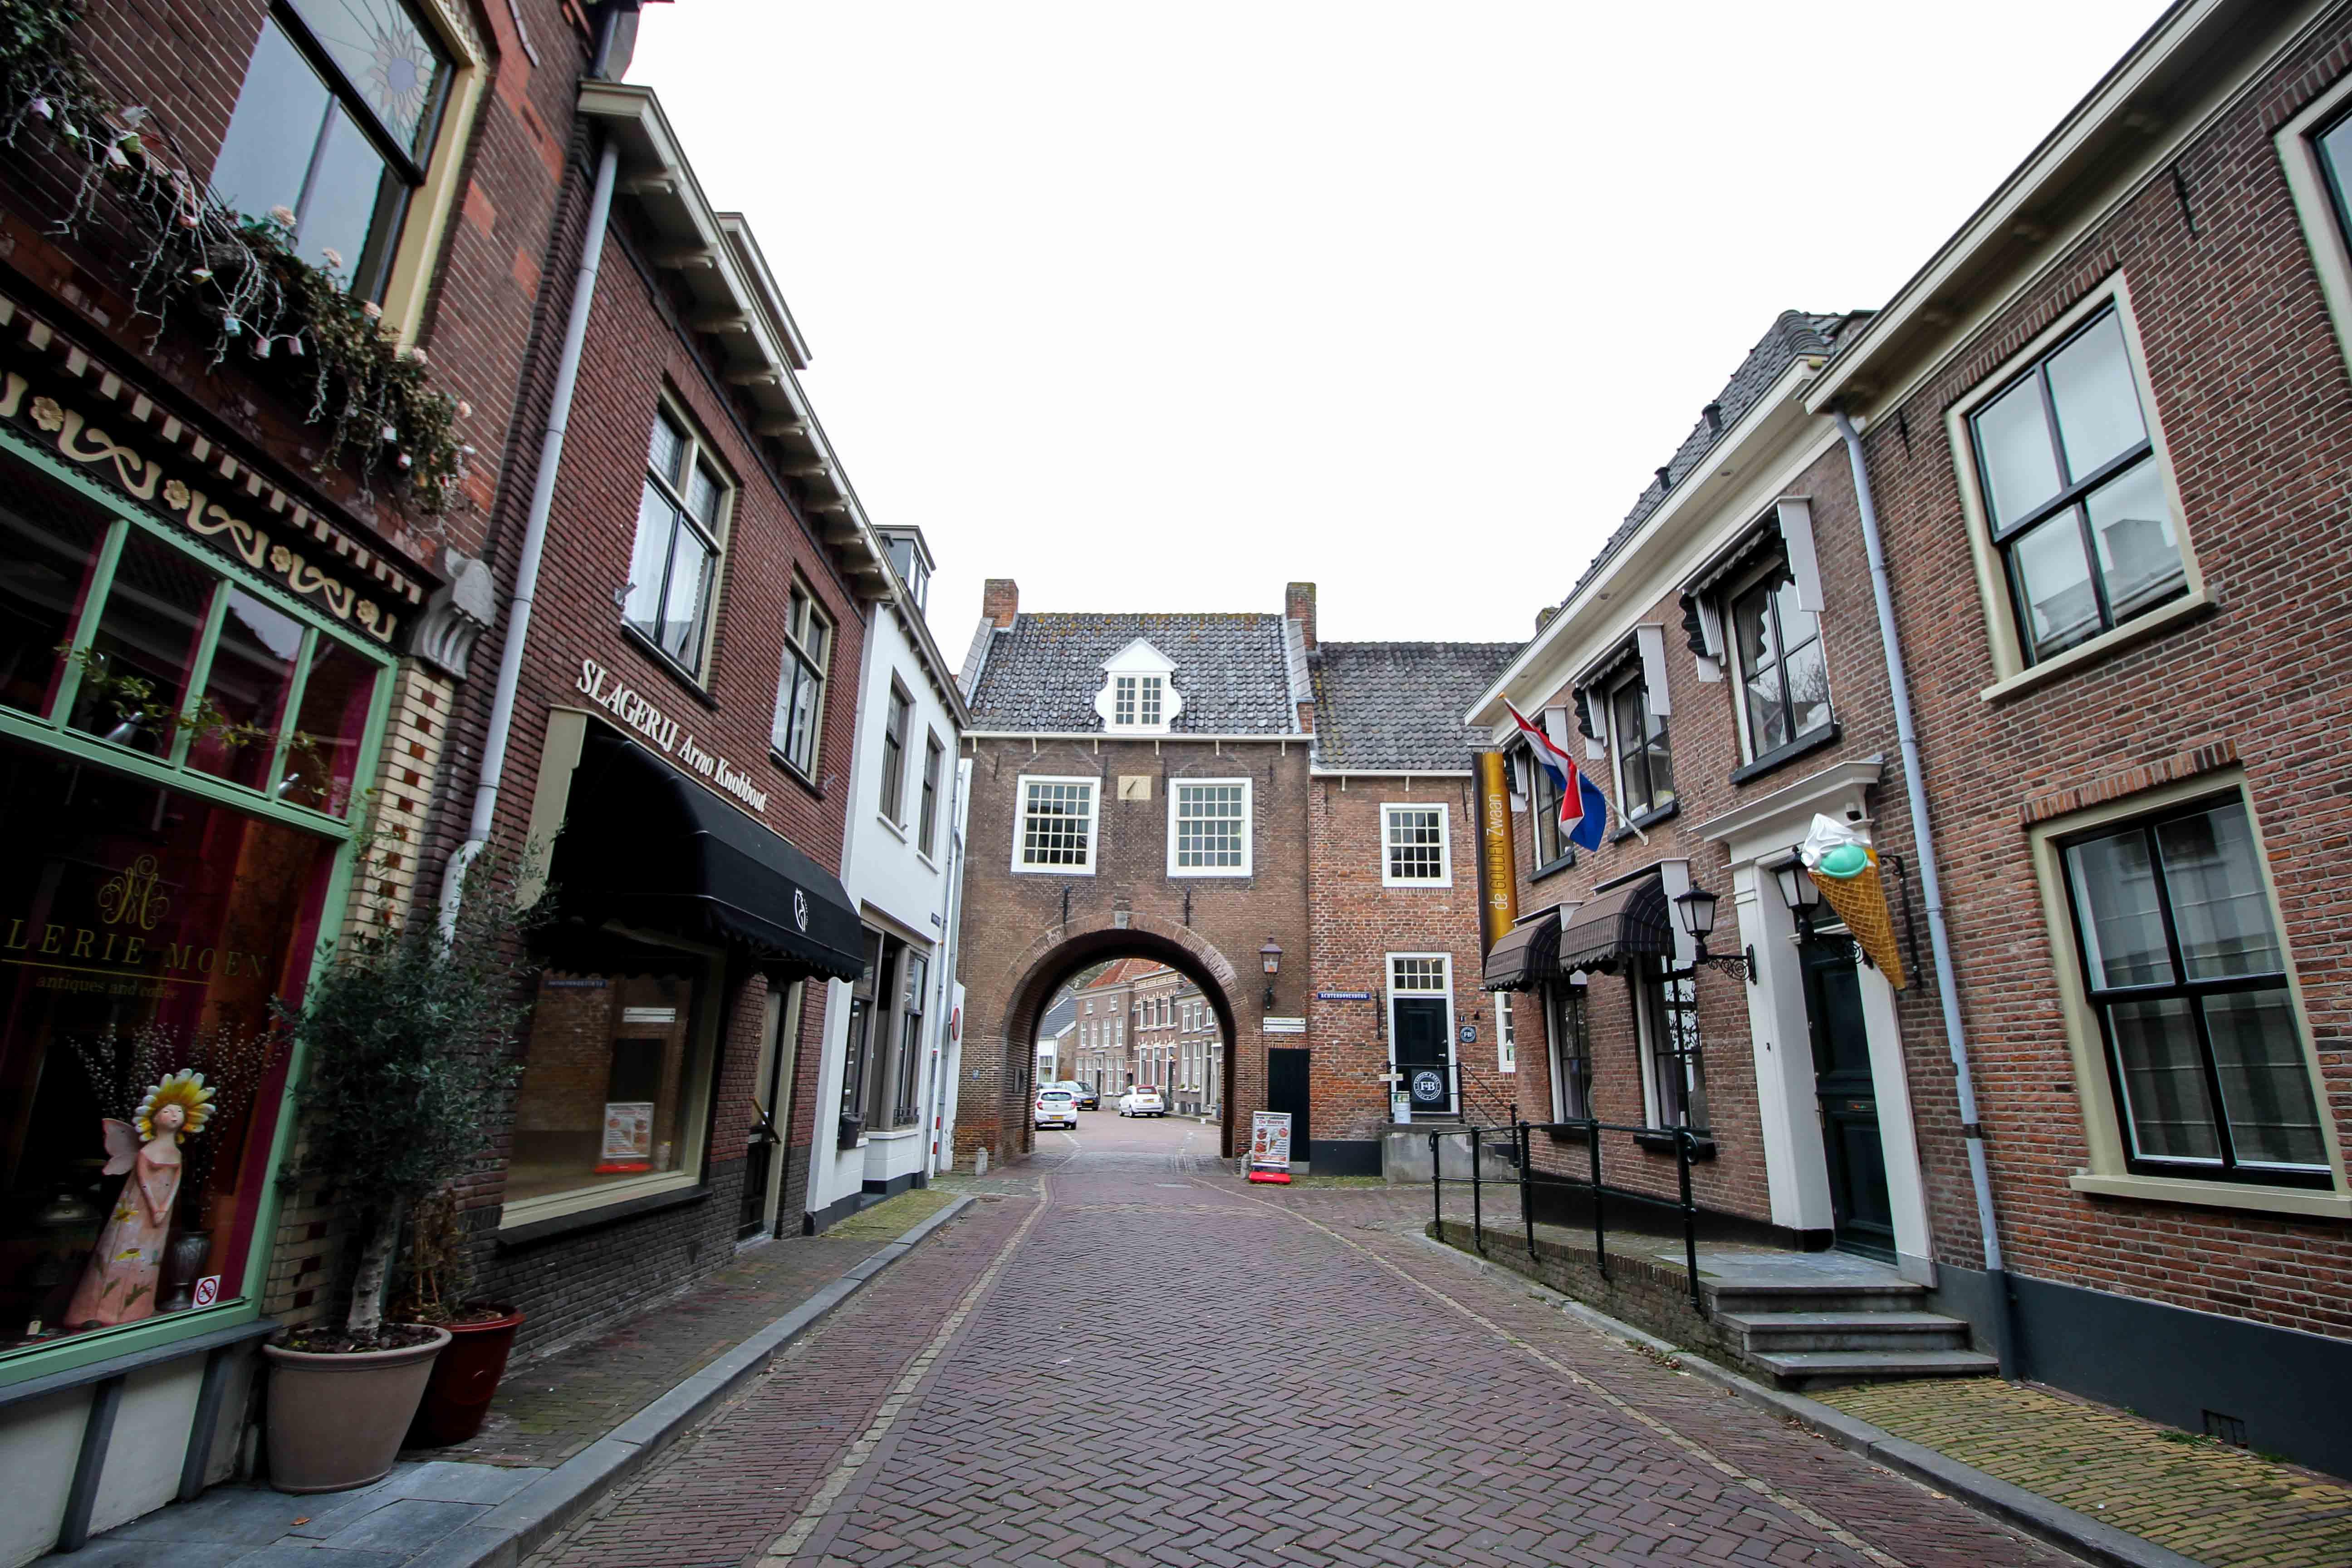 Wochenendtrip Holland Tuk Tuk fahren Tour Tuk Tuk Bingo Innenstadt Altstadt das andere Holland Reiseblog Ausflug von Deutschland